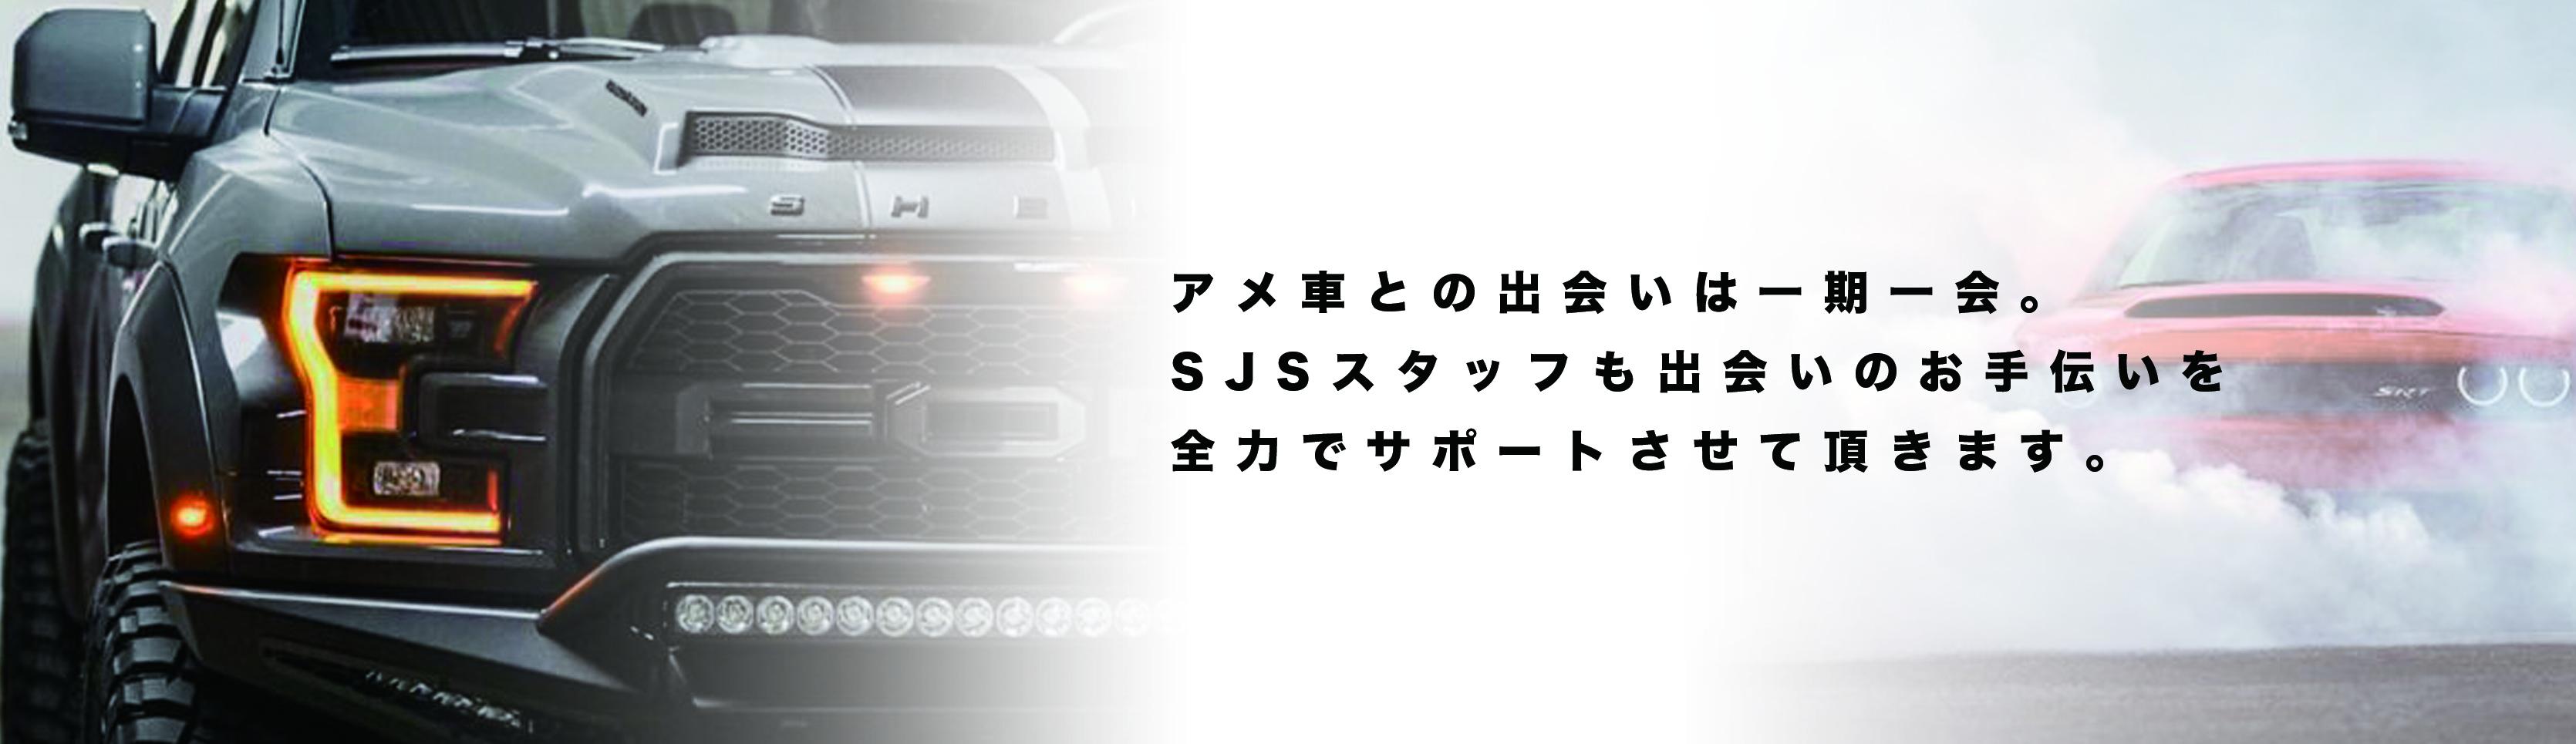 sjs-2020-slide